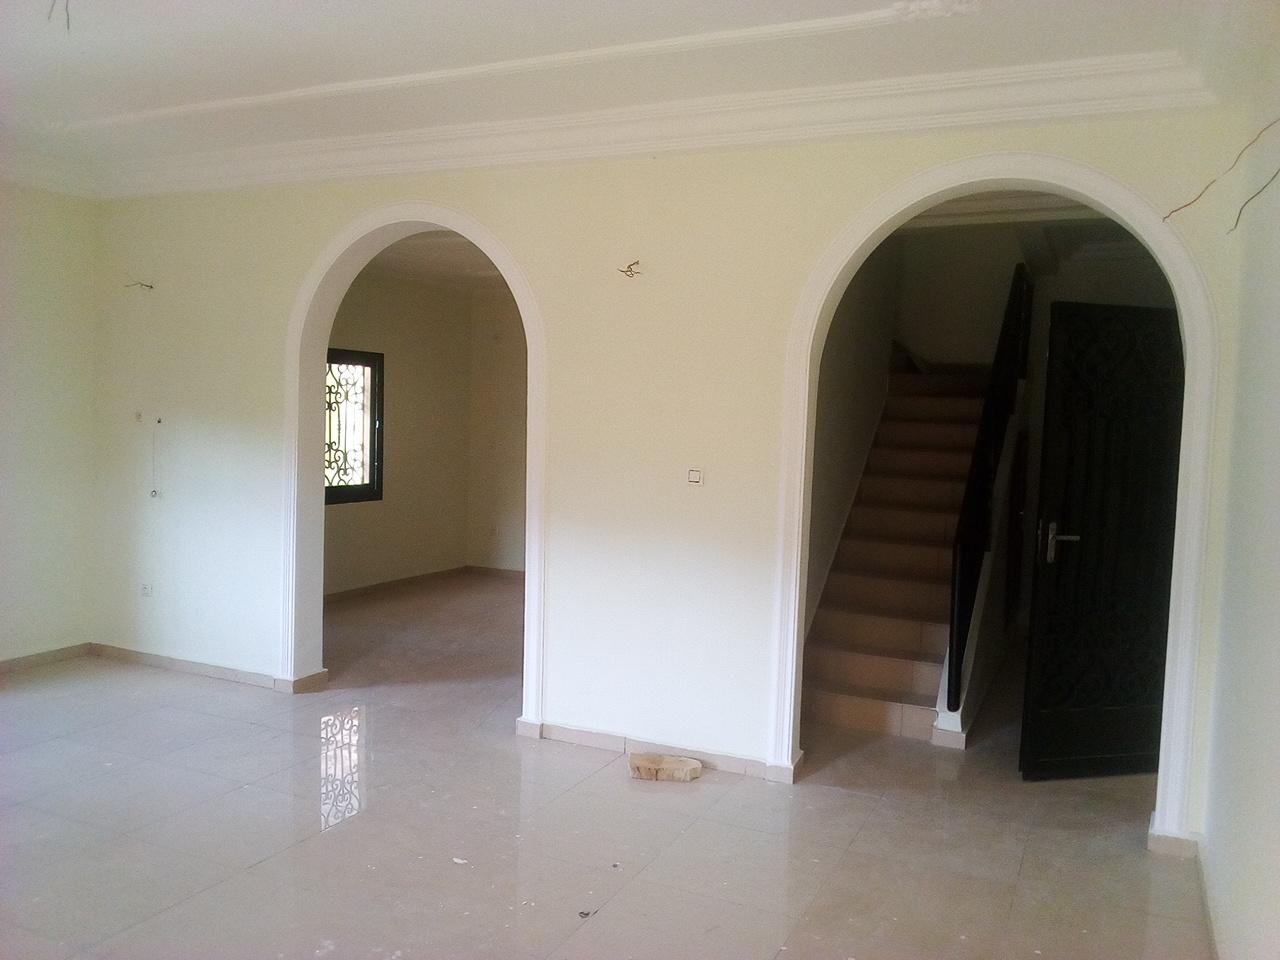 Appartement à louer - Yaoundé, Bastos, pas loin du golf (immeuble neuf de 18 appartements avec ascenceur - 1 salon(s), 3 chambre(s), 3 salle(s) de bains - 18 000 000 FCFA / mois